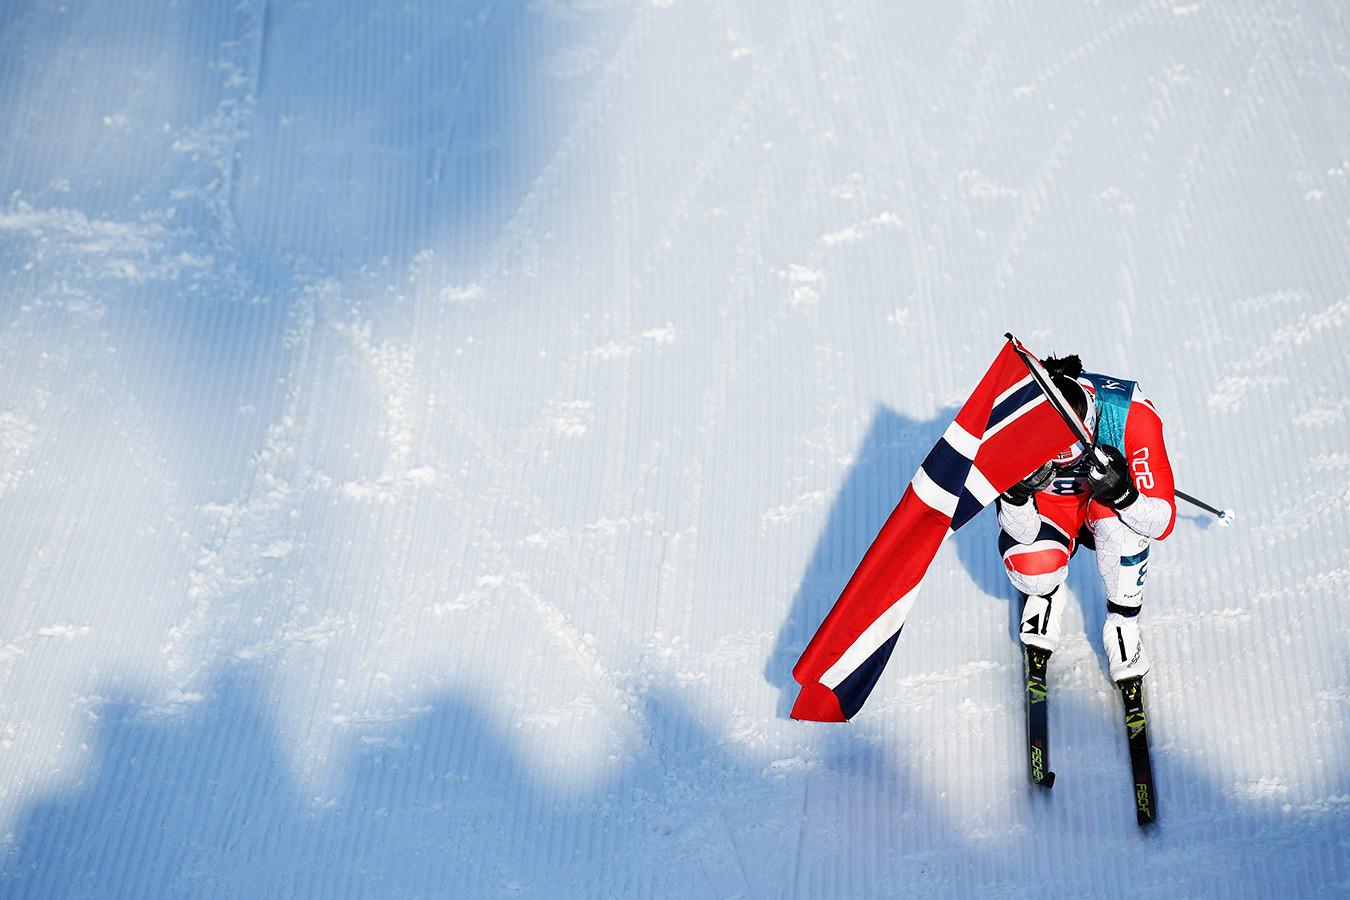 Финский тренер: норвежцы от жадности захватили лыжи и построили вид спорта для себя